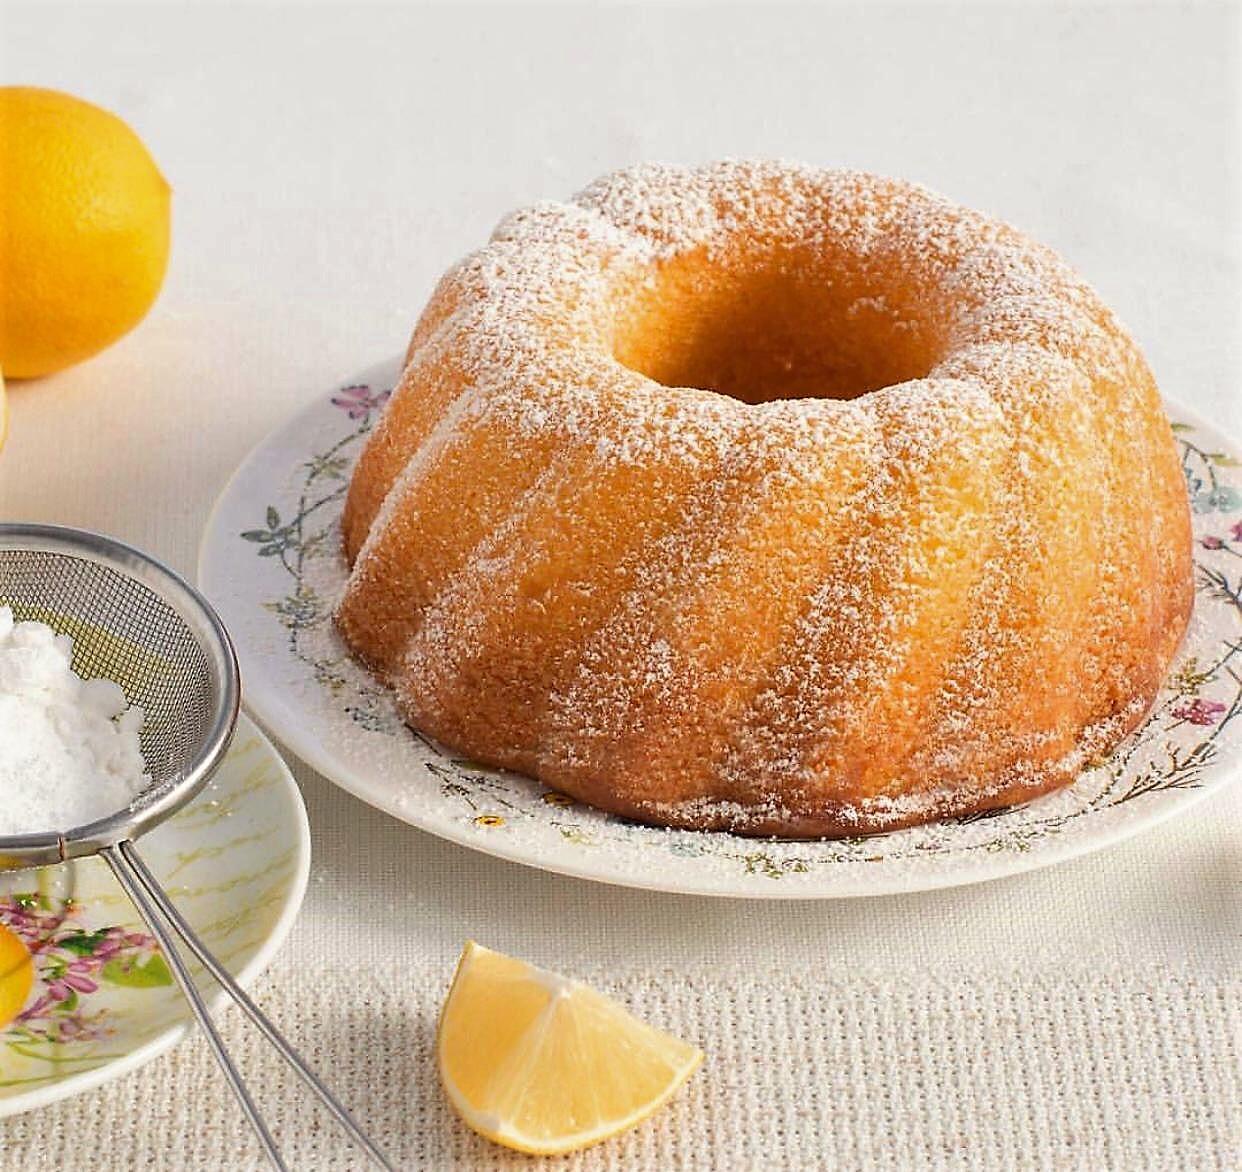 Limonlu Kek Tarifi, Limonlu Kek Tarifi Malzemeleri, Limonlu Kek nasıl yapılır ?